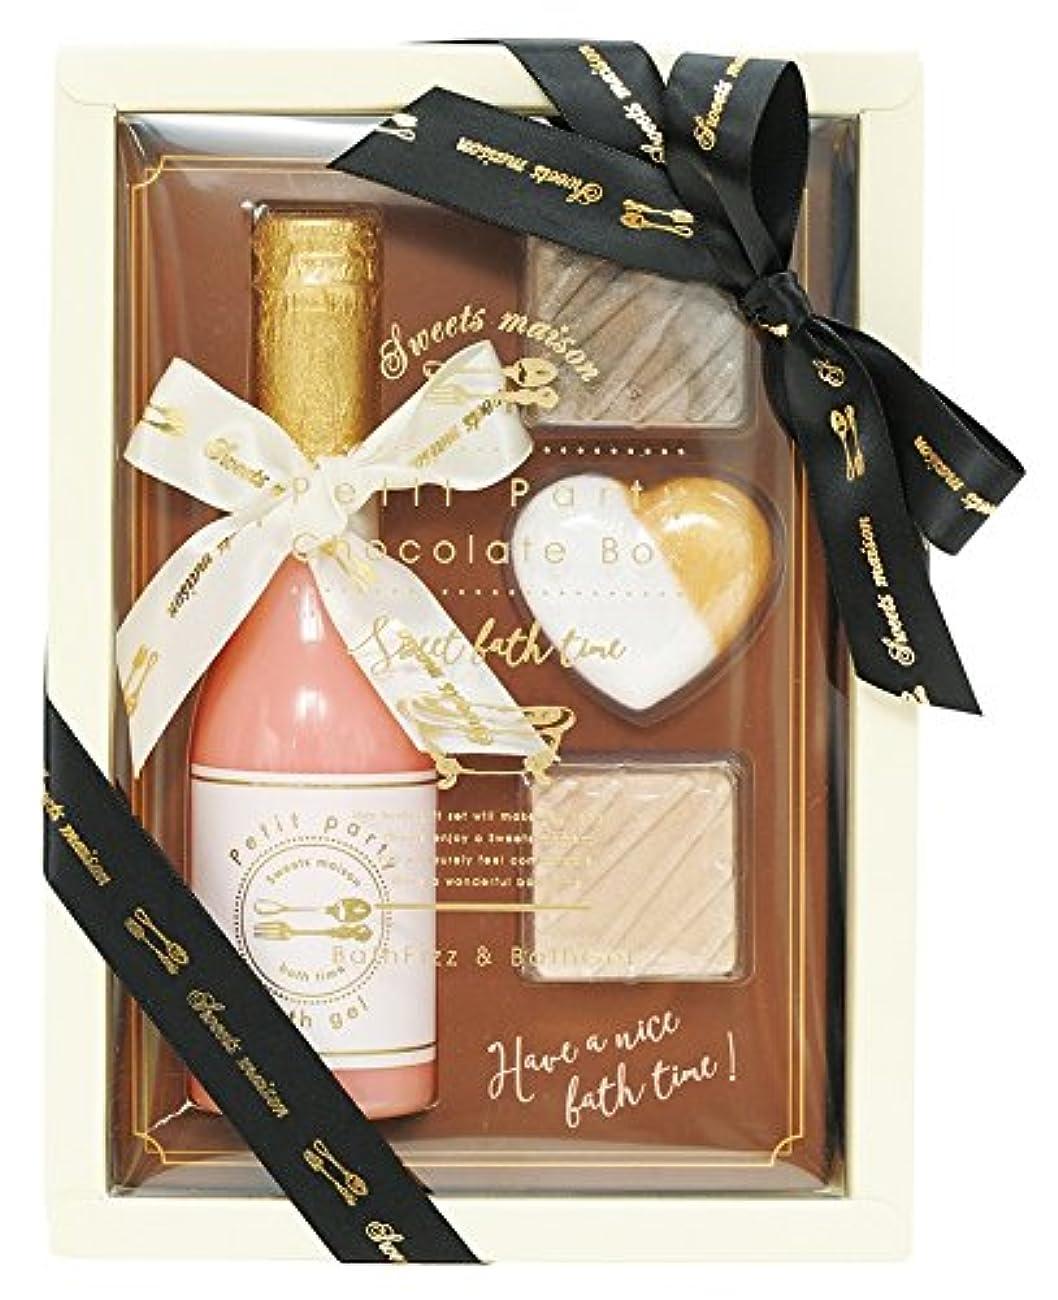 エミュレーション動力学料理をするノルコーポレーション 入浴剤 ギフトセット チョコレートボックス ホワイトミックス OB-SMG-8-1